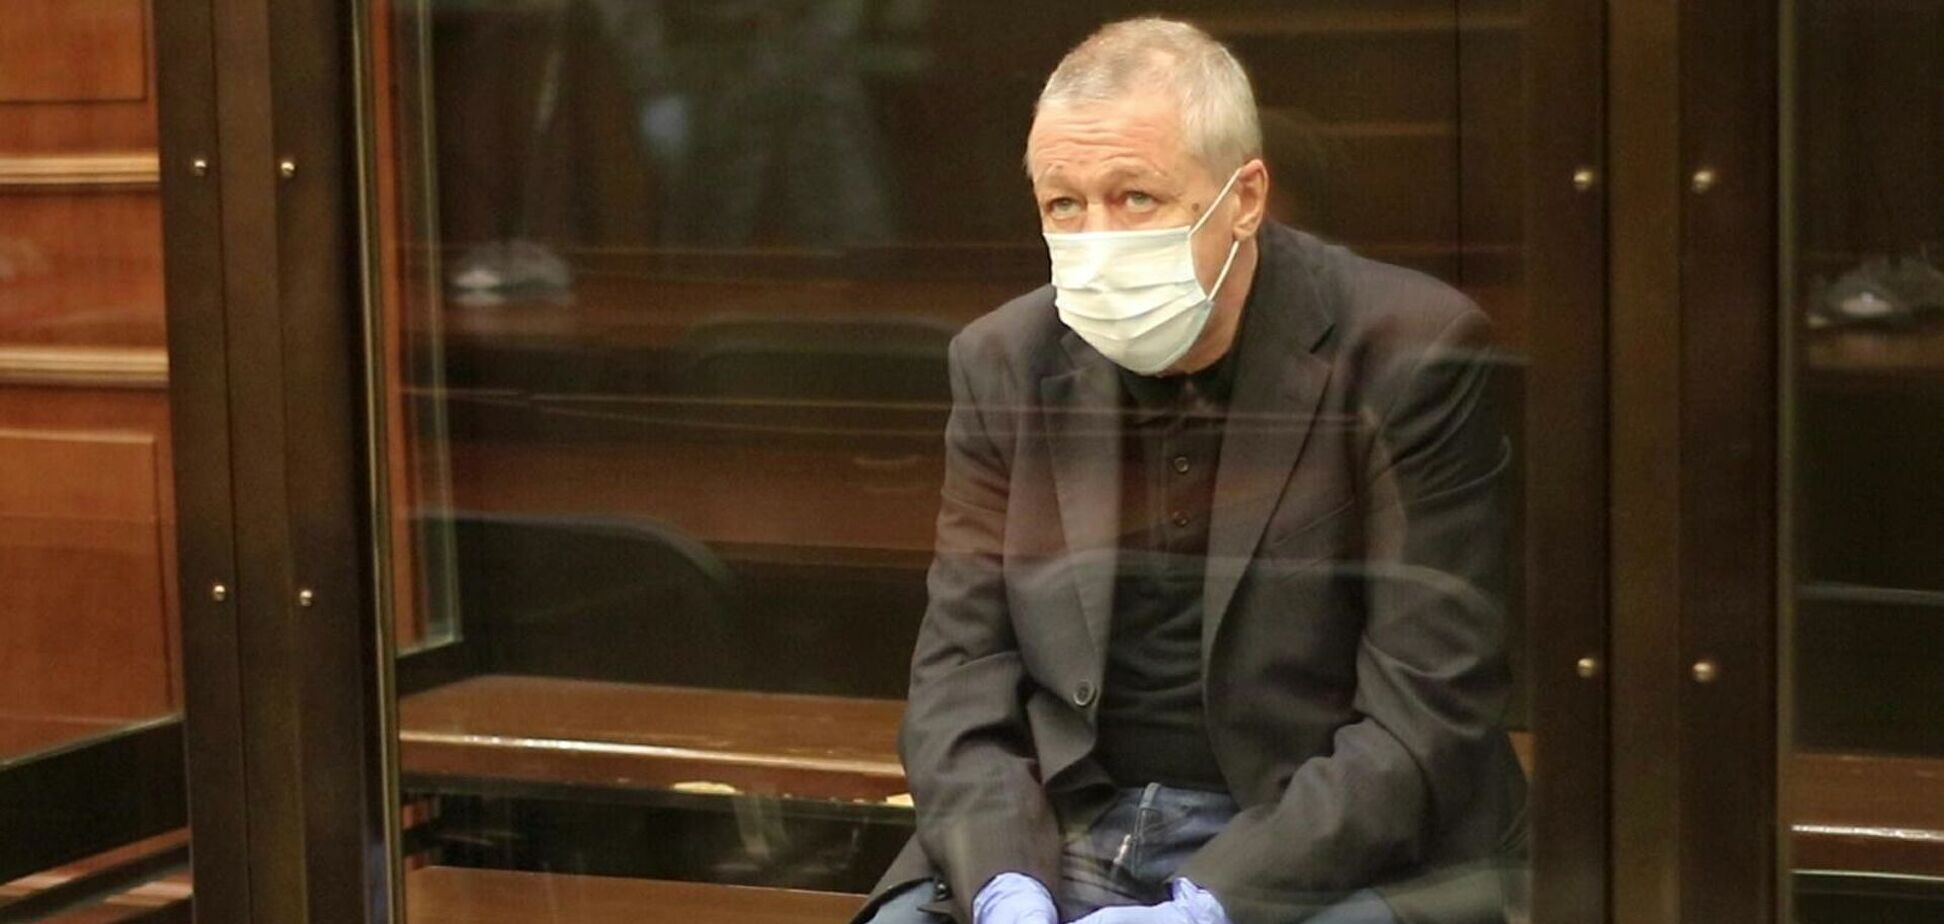 Єфремов буде відбувати покарання в колонії в Бєлгородській області